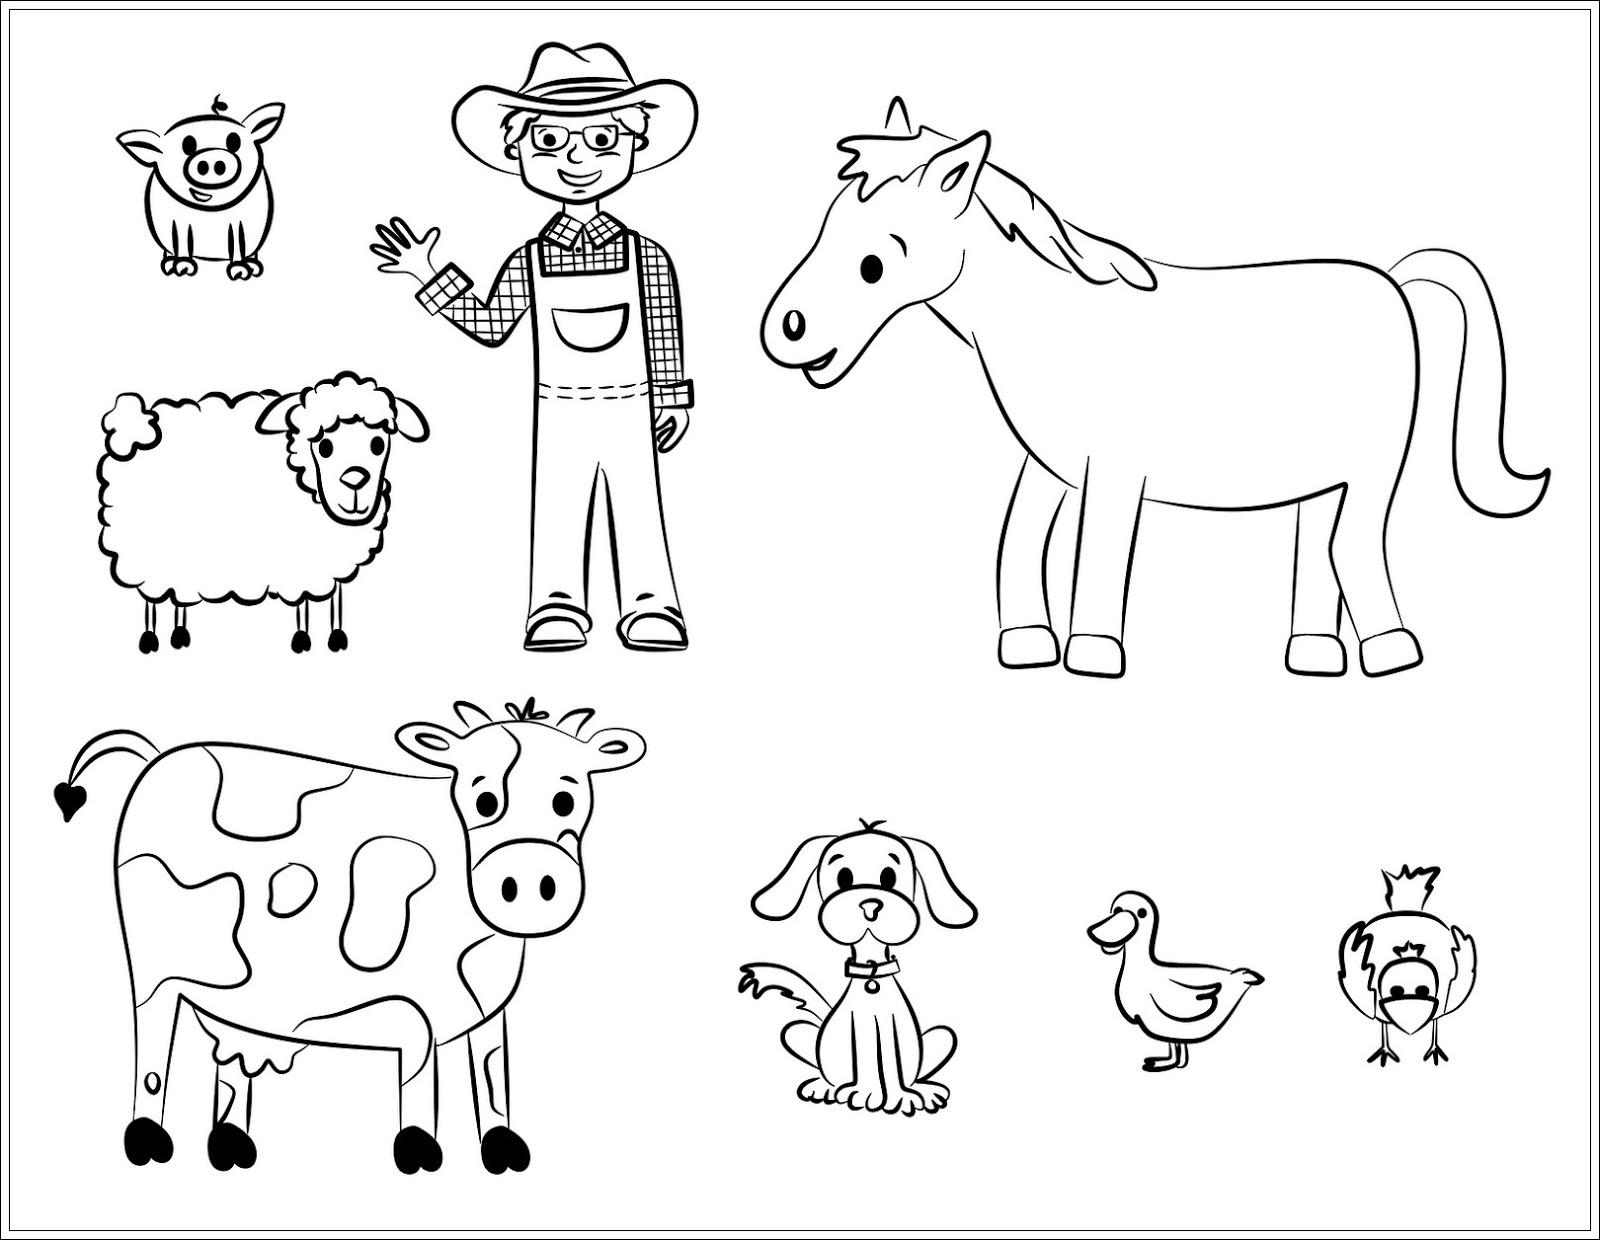 Ausmalbilder Zum Ausdrucken Ausmalbilder Haustiere Zum Ausdrucken